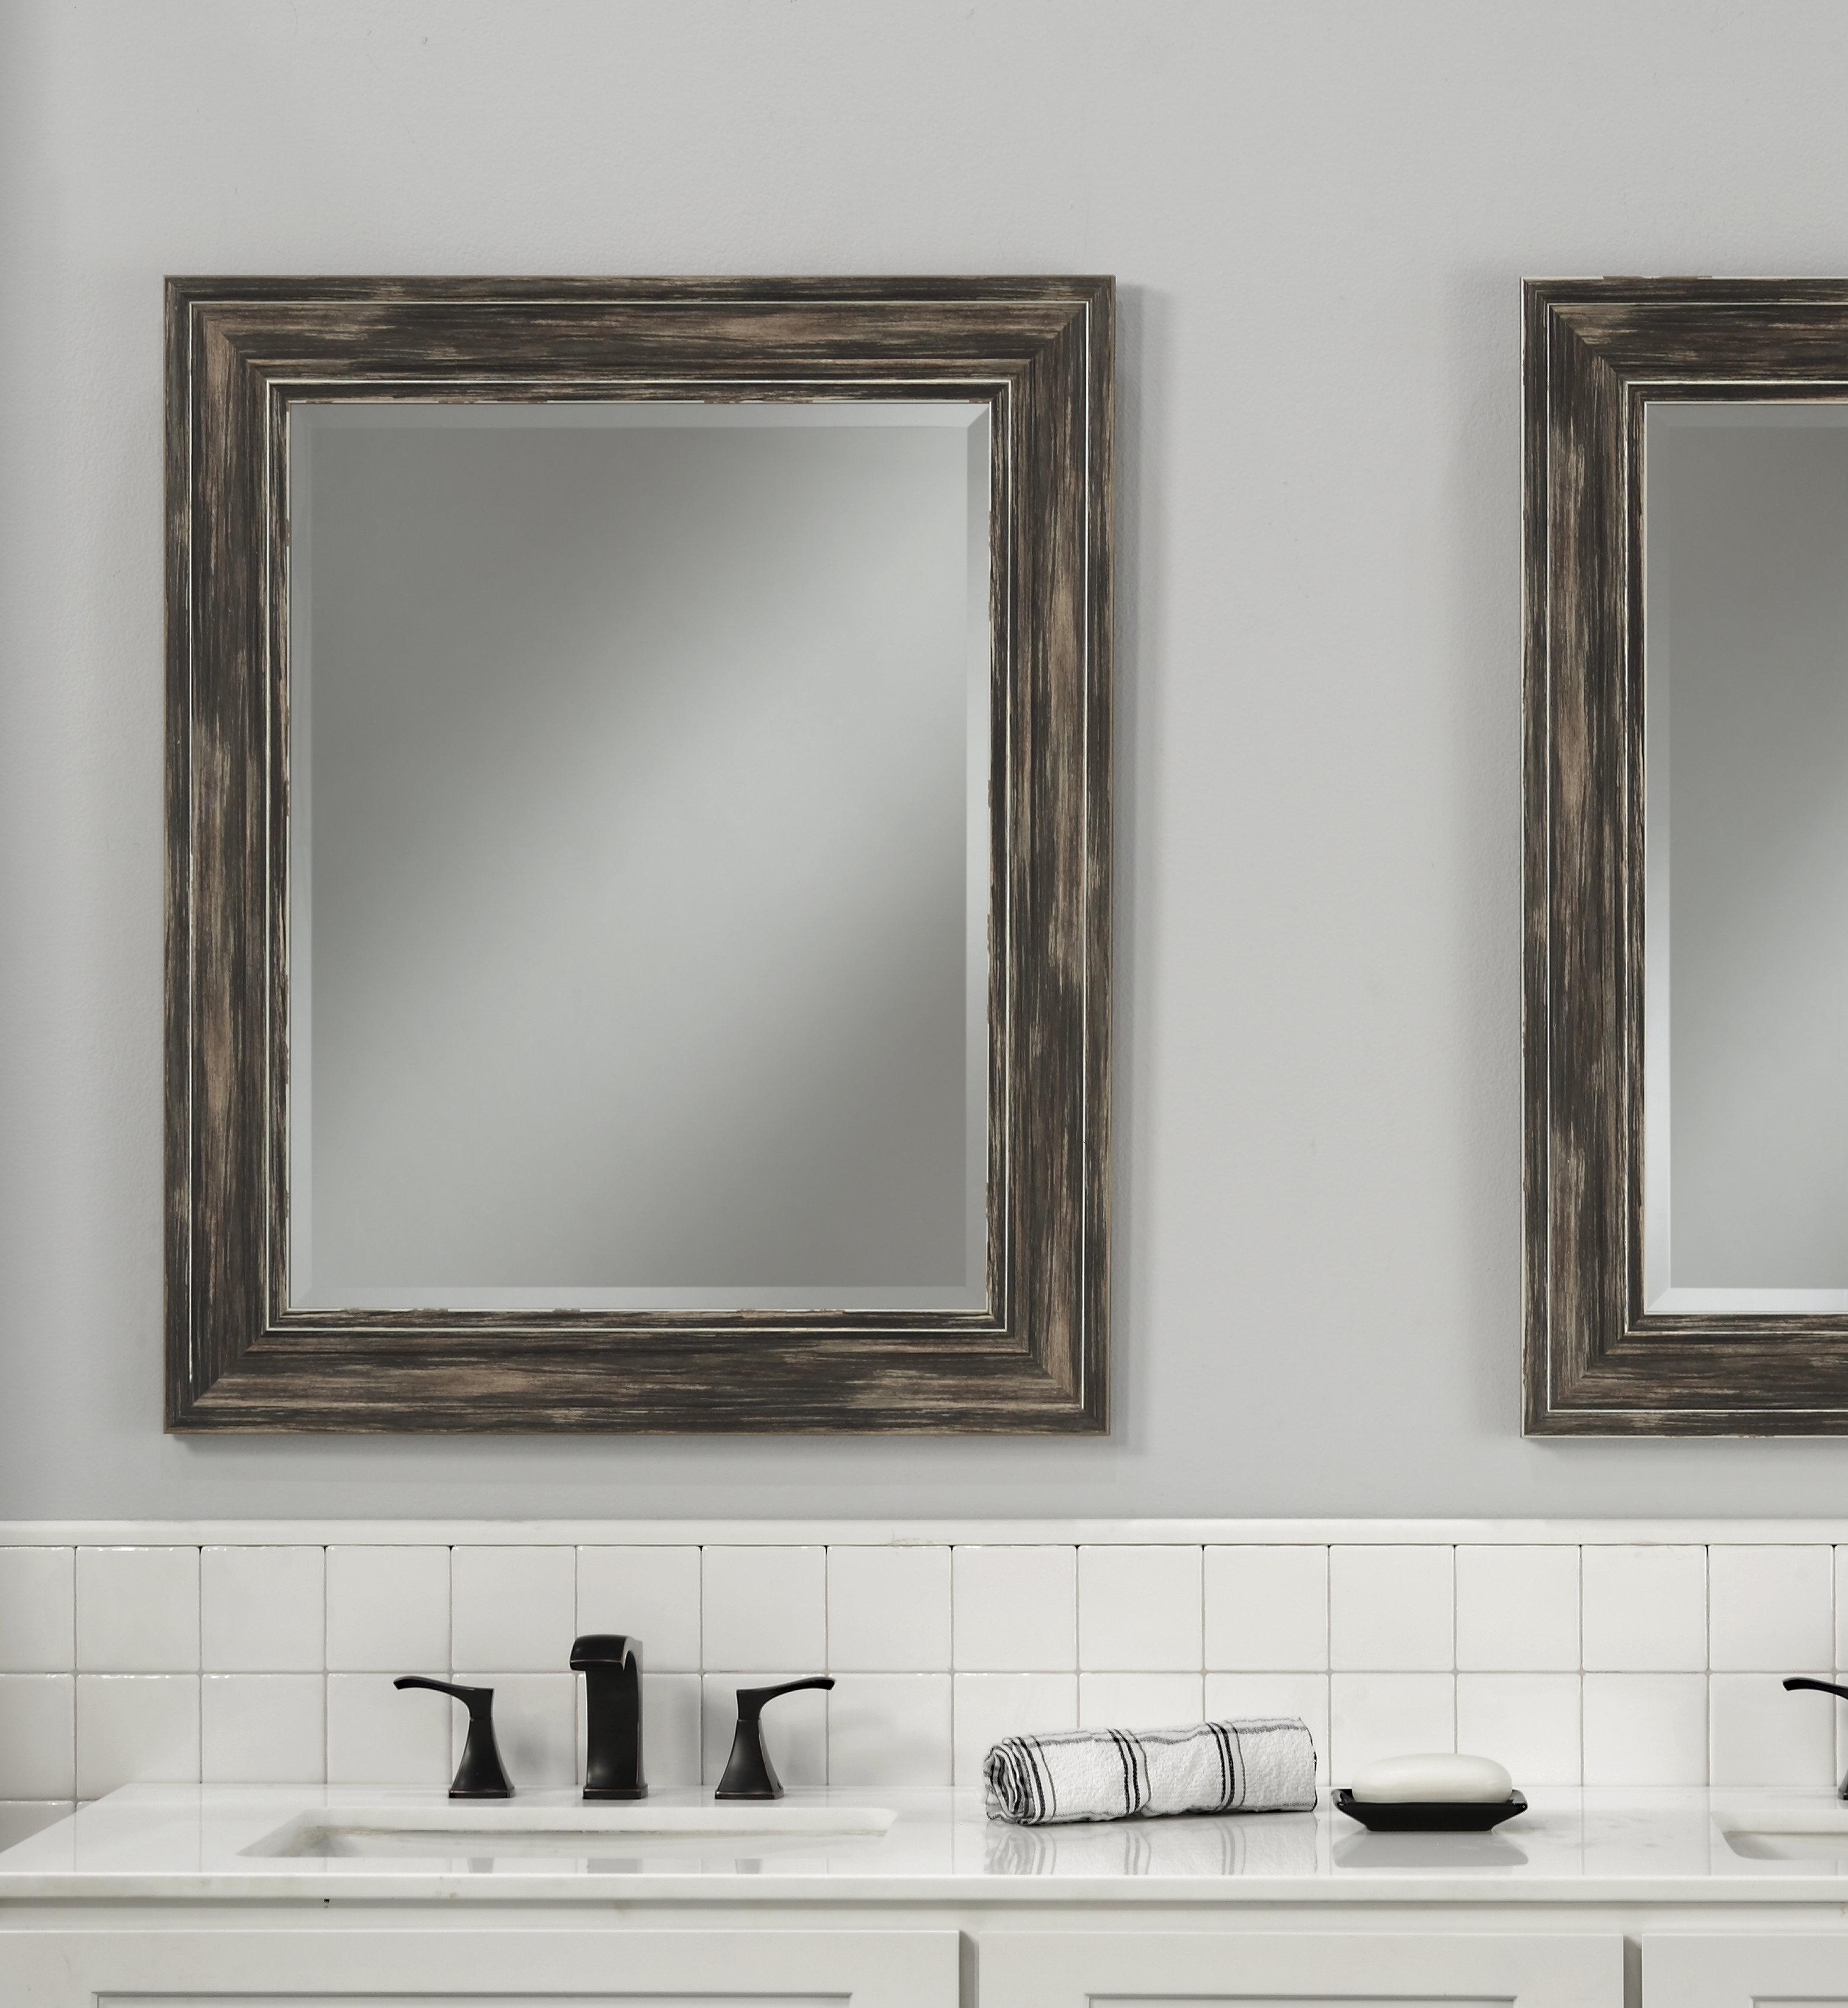 Trent Austin Design Bartolo Accent Mirror & Reviews | Wayfair In Bartolo Accent Mirrors (Image 27 of 30)